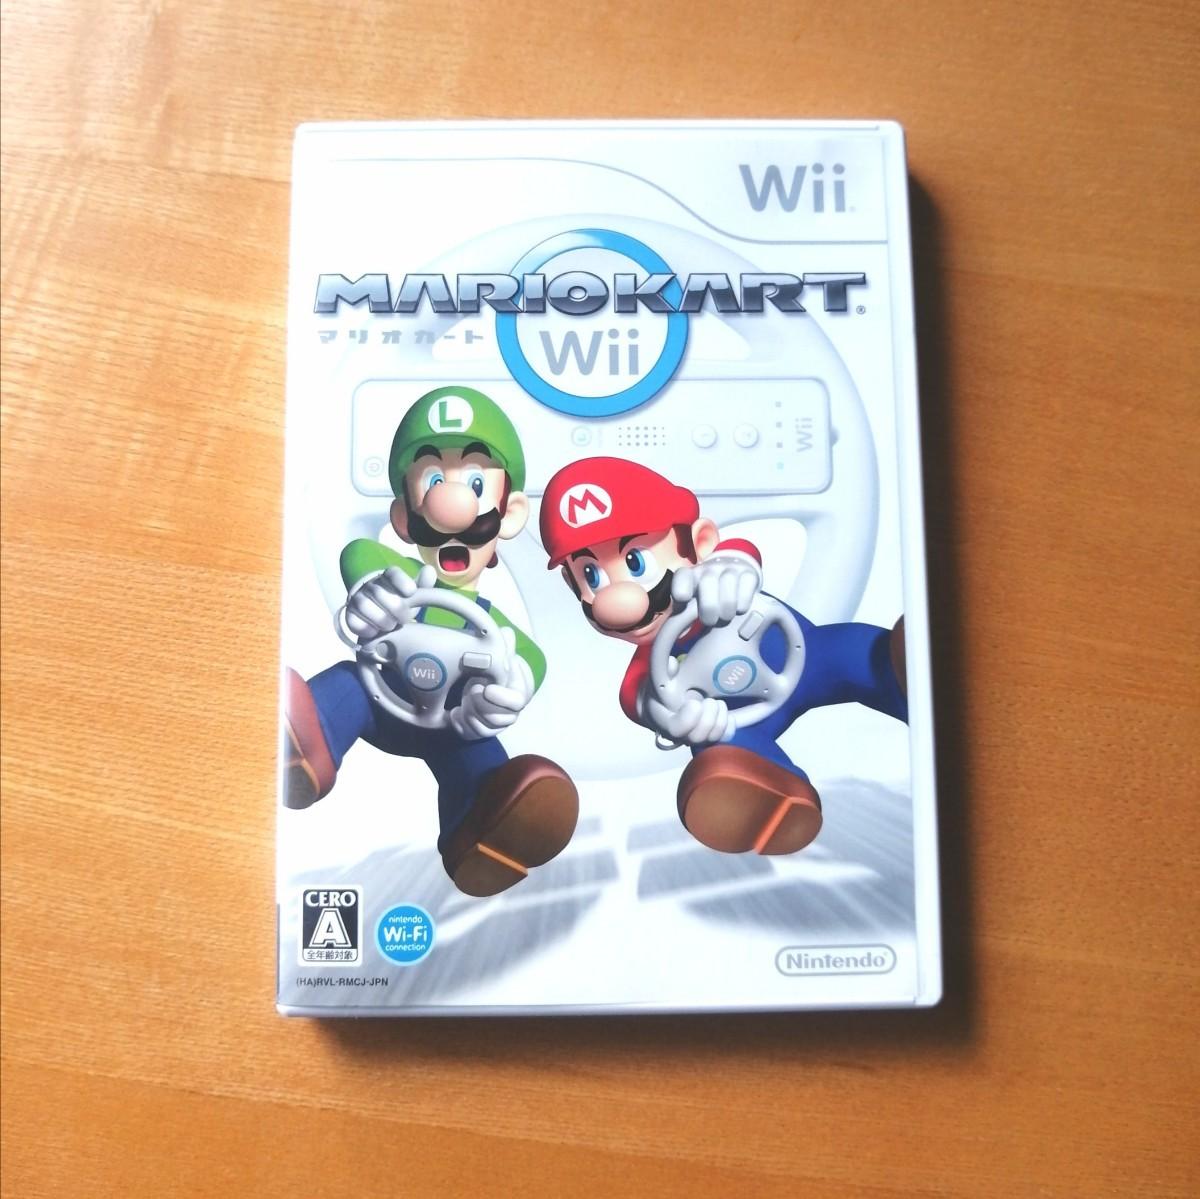 マリオカートWii ソフト Wii 任天堂 Wiiソフト Wiiマリオカート